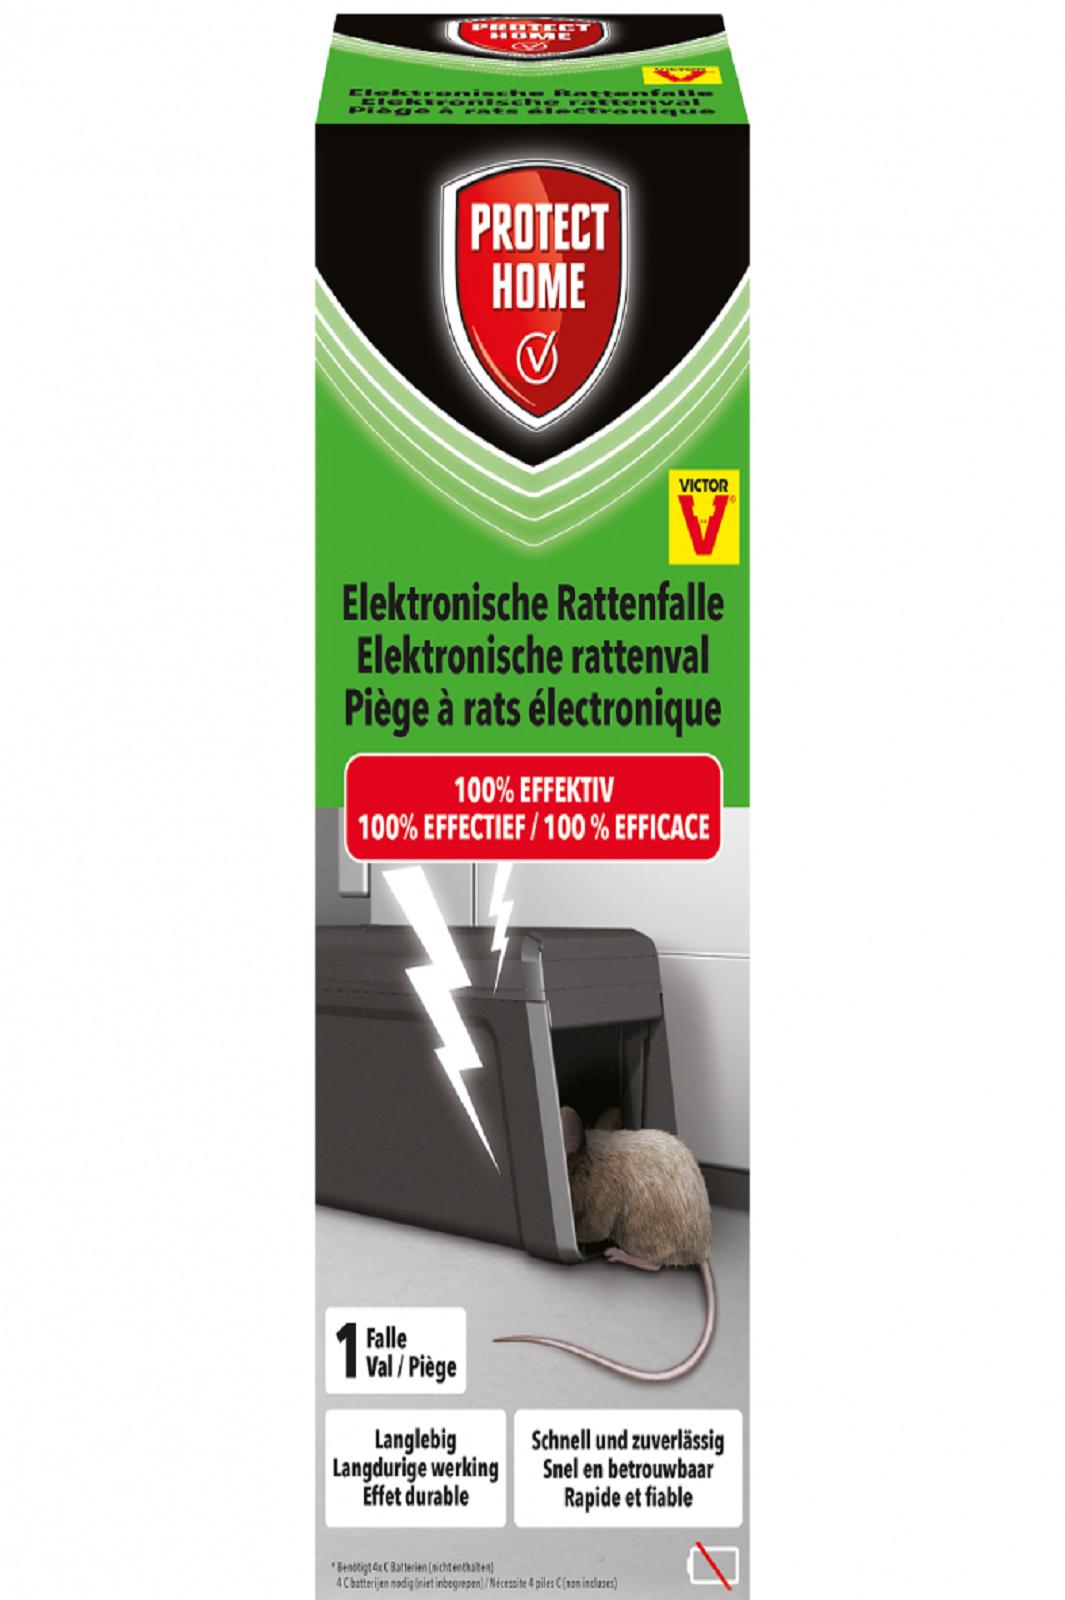 PROTECT HOME Elektronische Rattenfalle sauber und sicher gegen Ratten giftlos